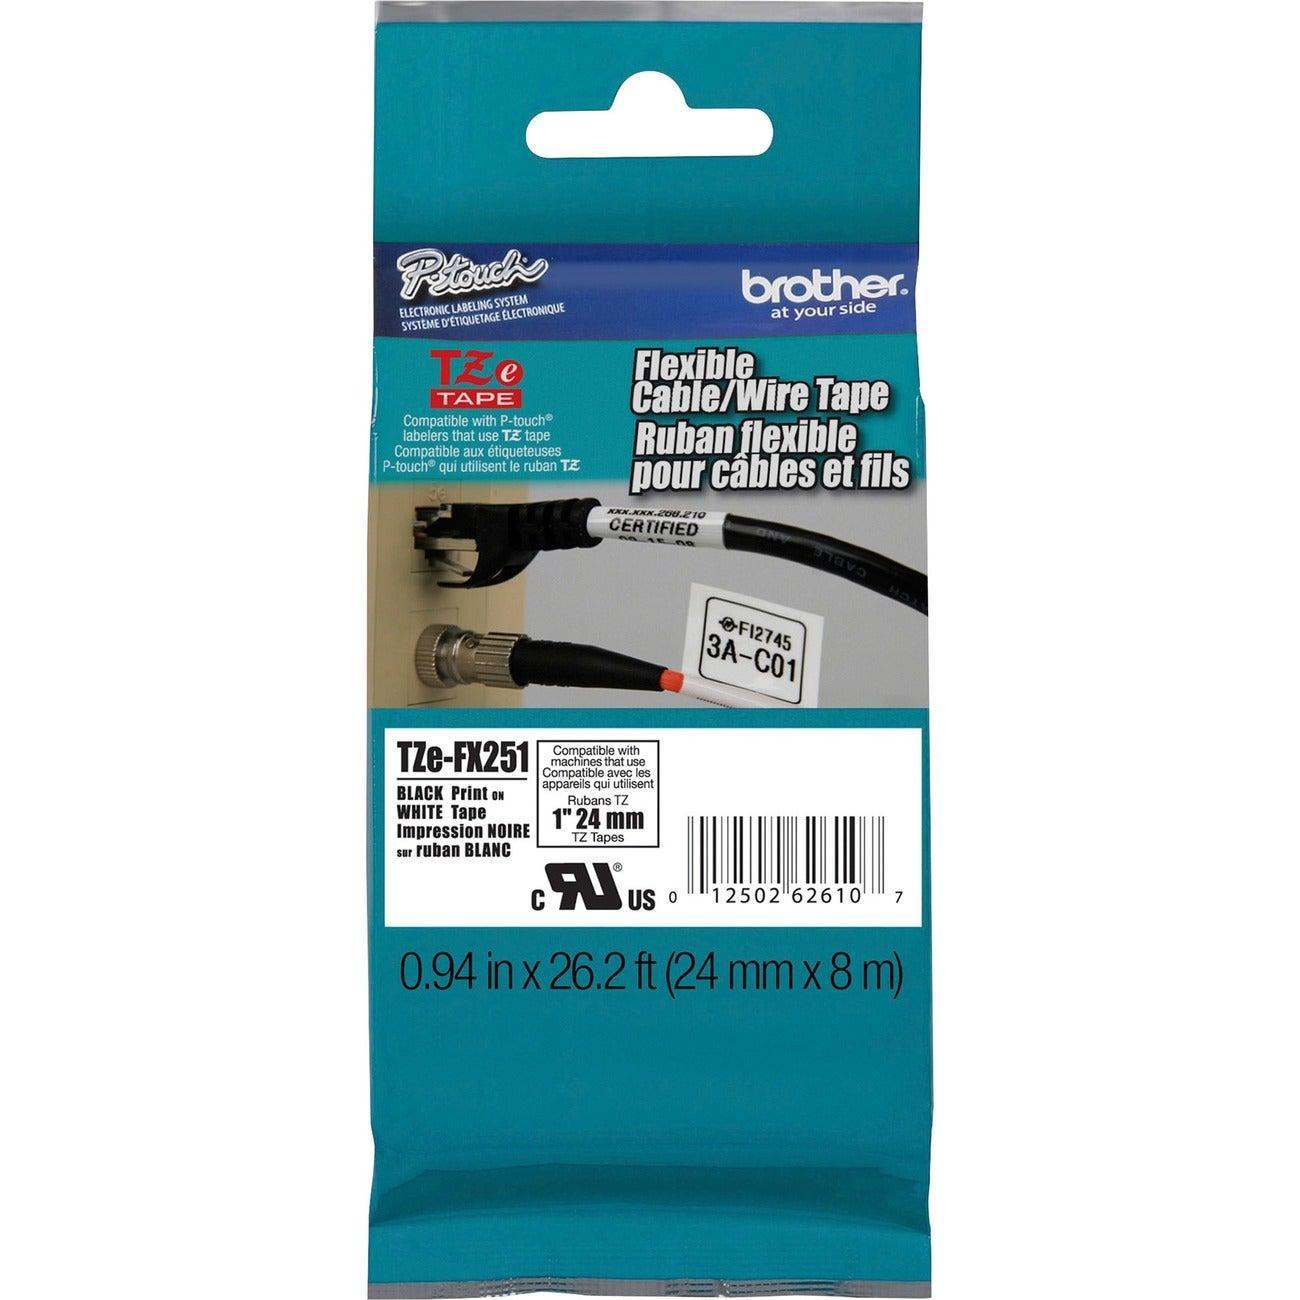 Brother TZE-FX251 Black on White Flexible Tape